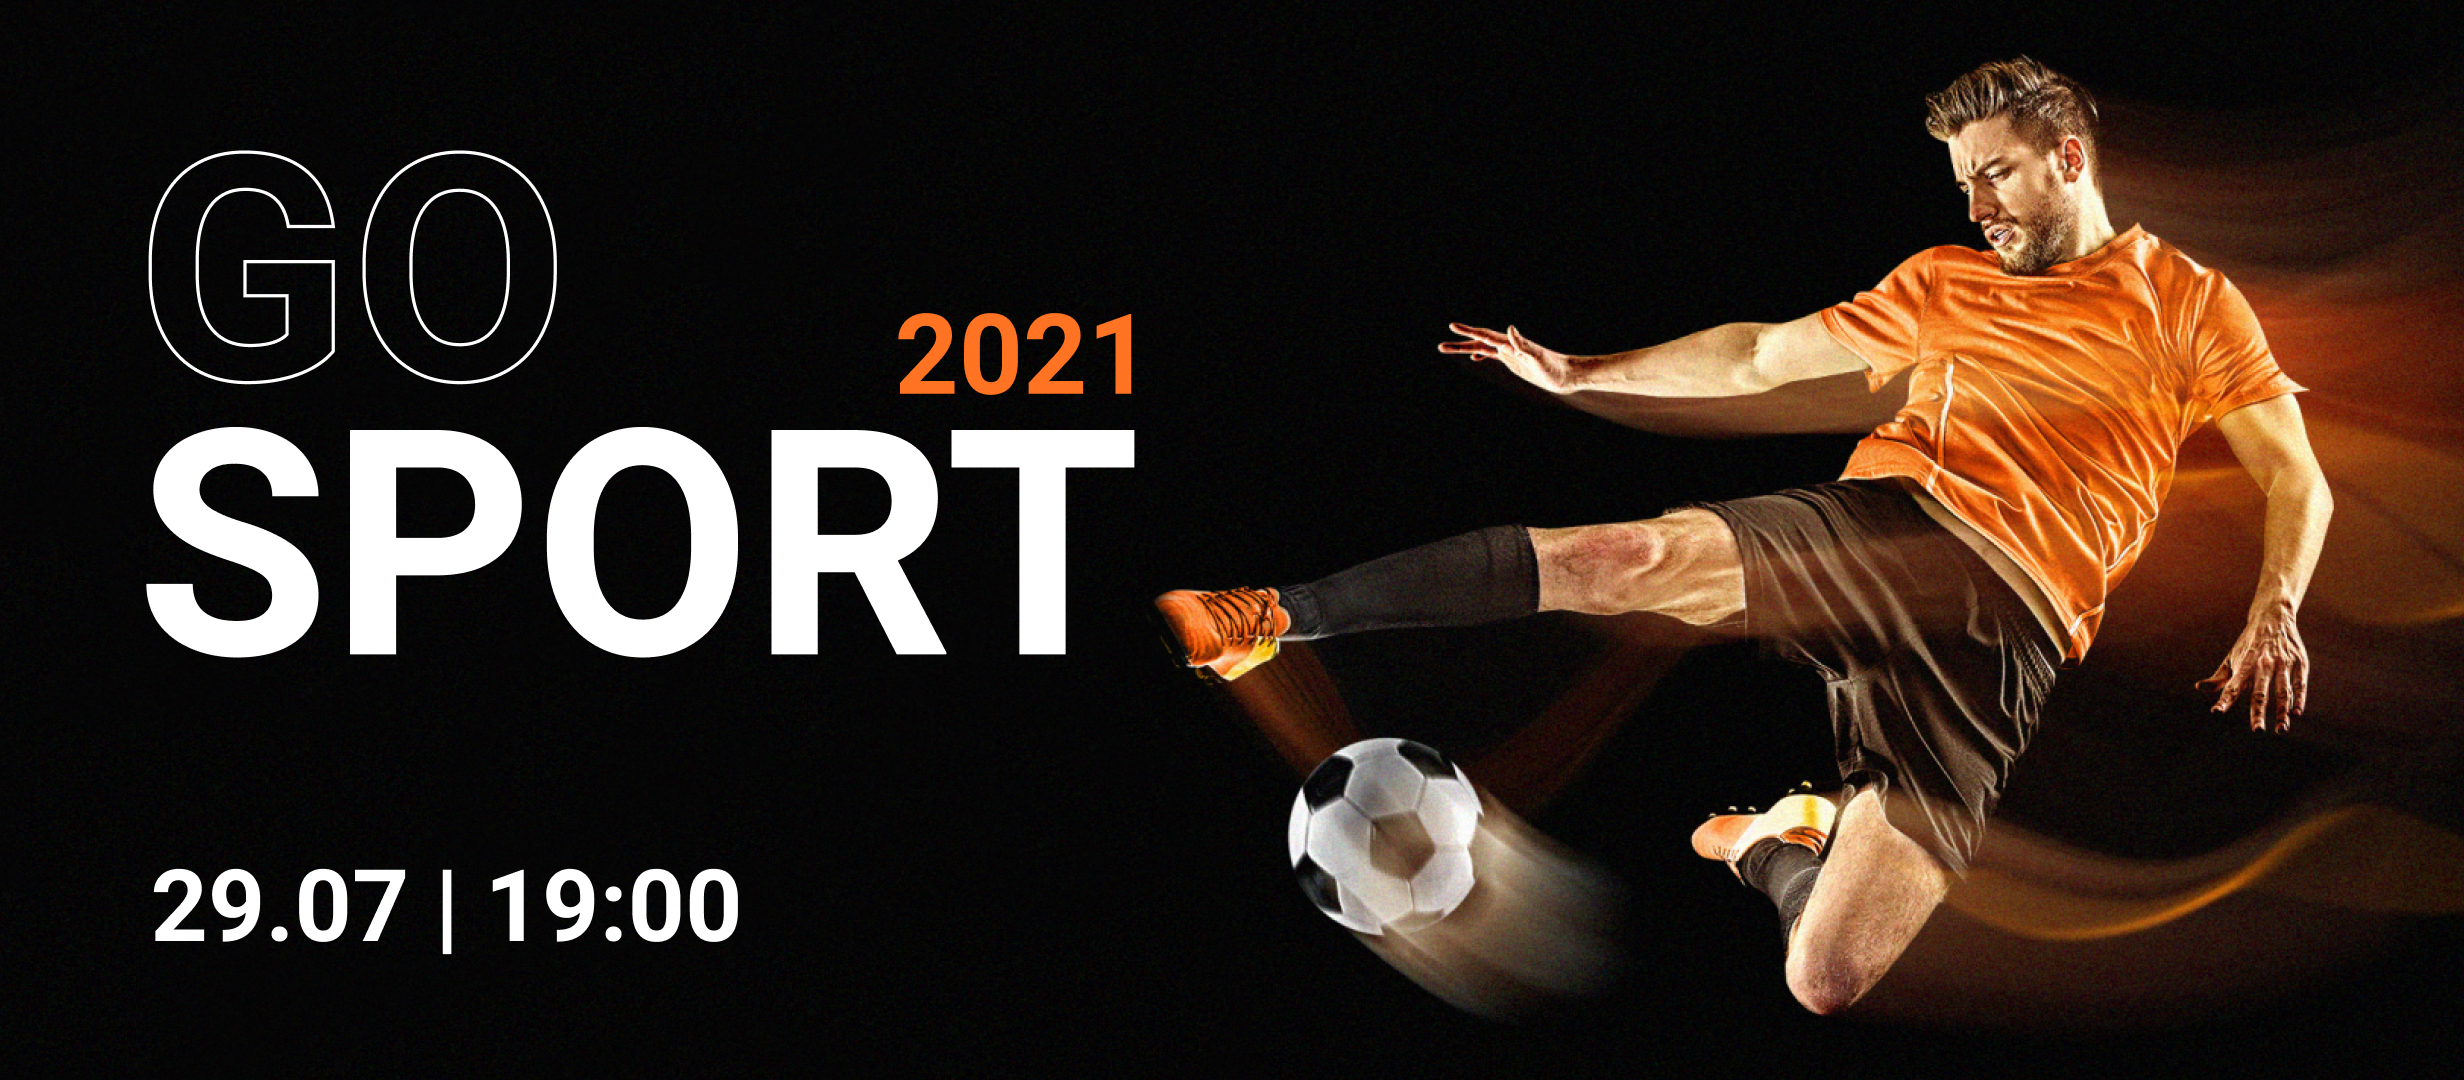 Go Sport 2021: Go Mobile объявит лидеров на рынке стриминга и беттинга